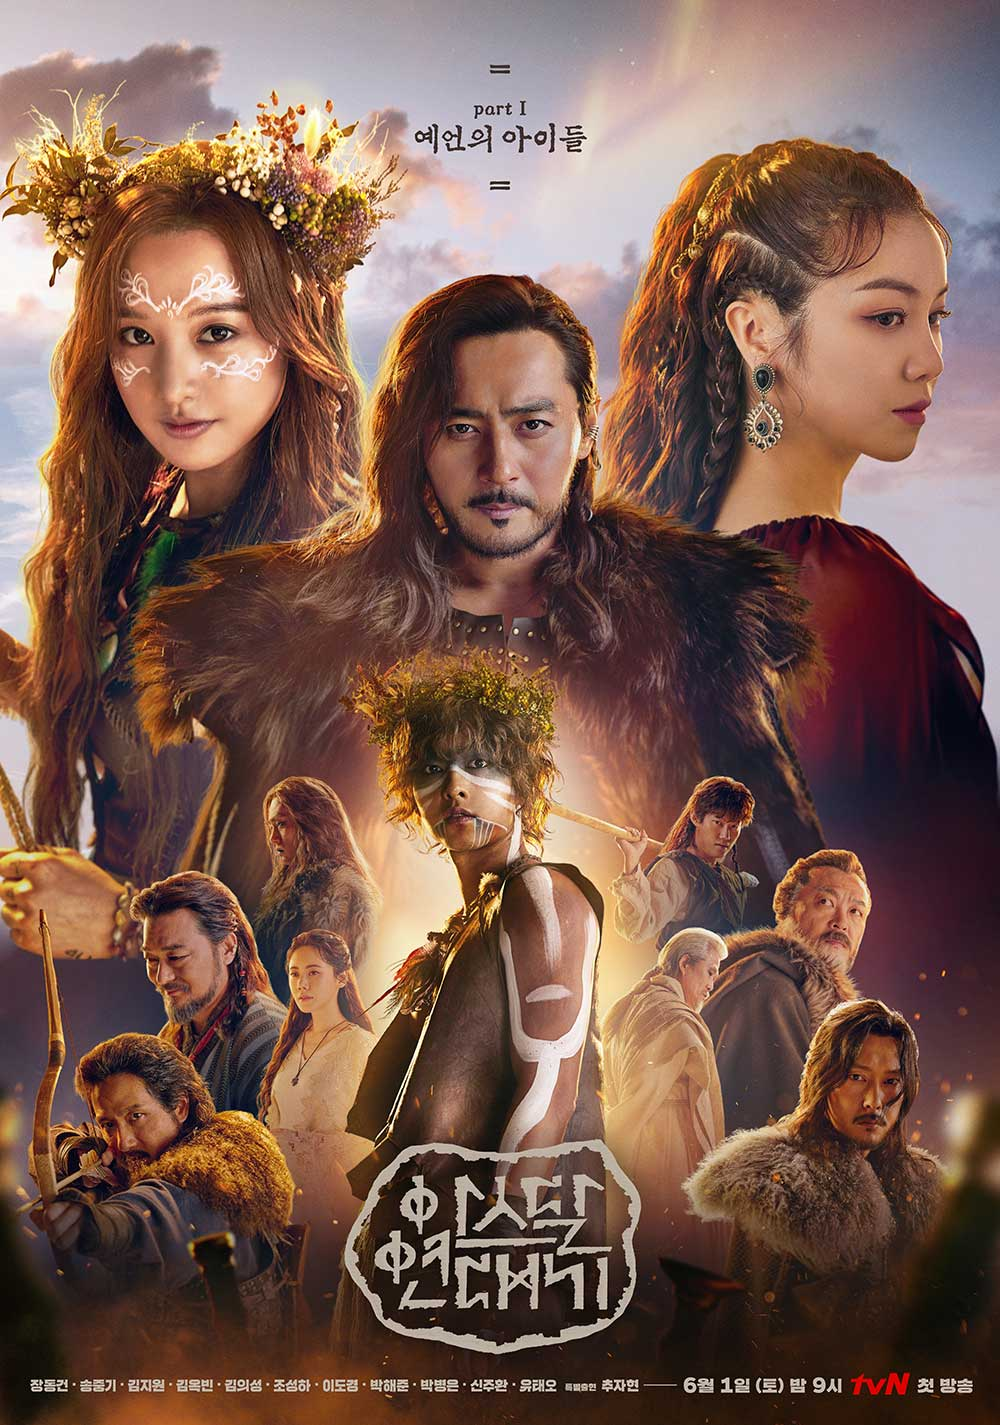 ソン・ジュンギ&キム・ジウォン&チャン・ドンゴン主演の「アスダル年代記」- 2019年おすすめ韓国ドラマ